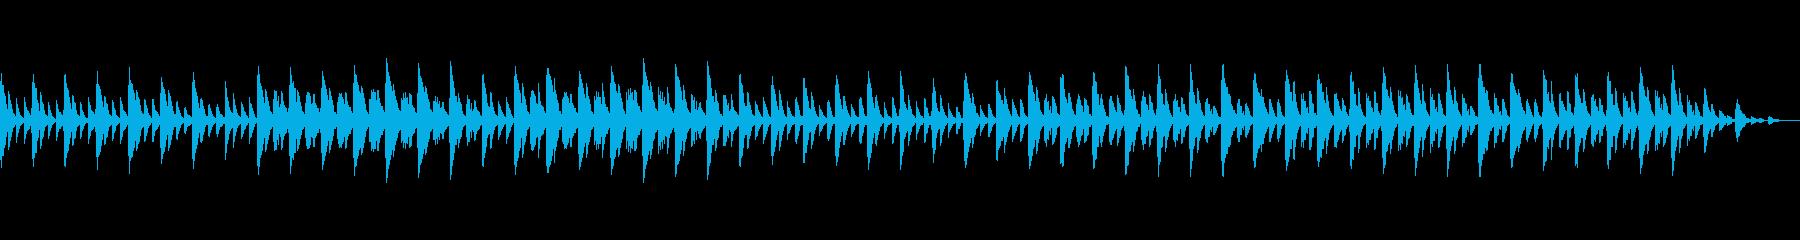 可愛らしい音色と優しい音楽の再生済みの波形